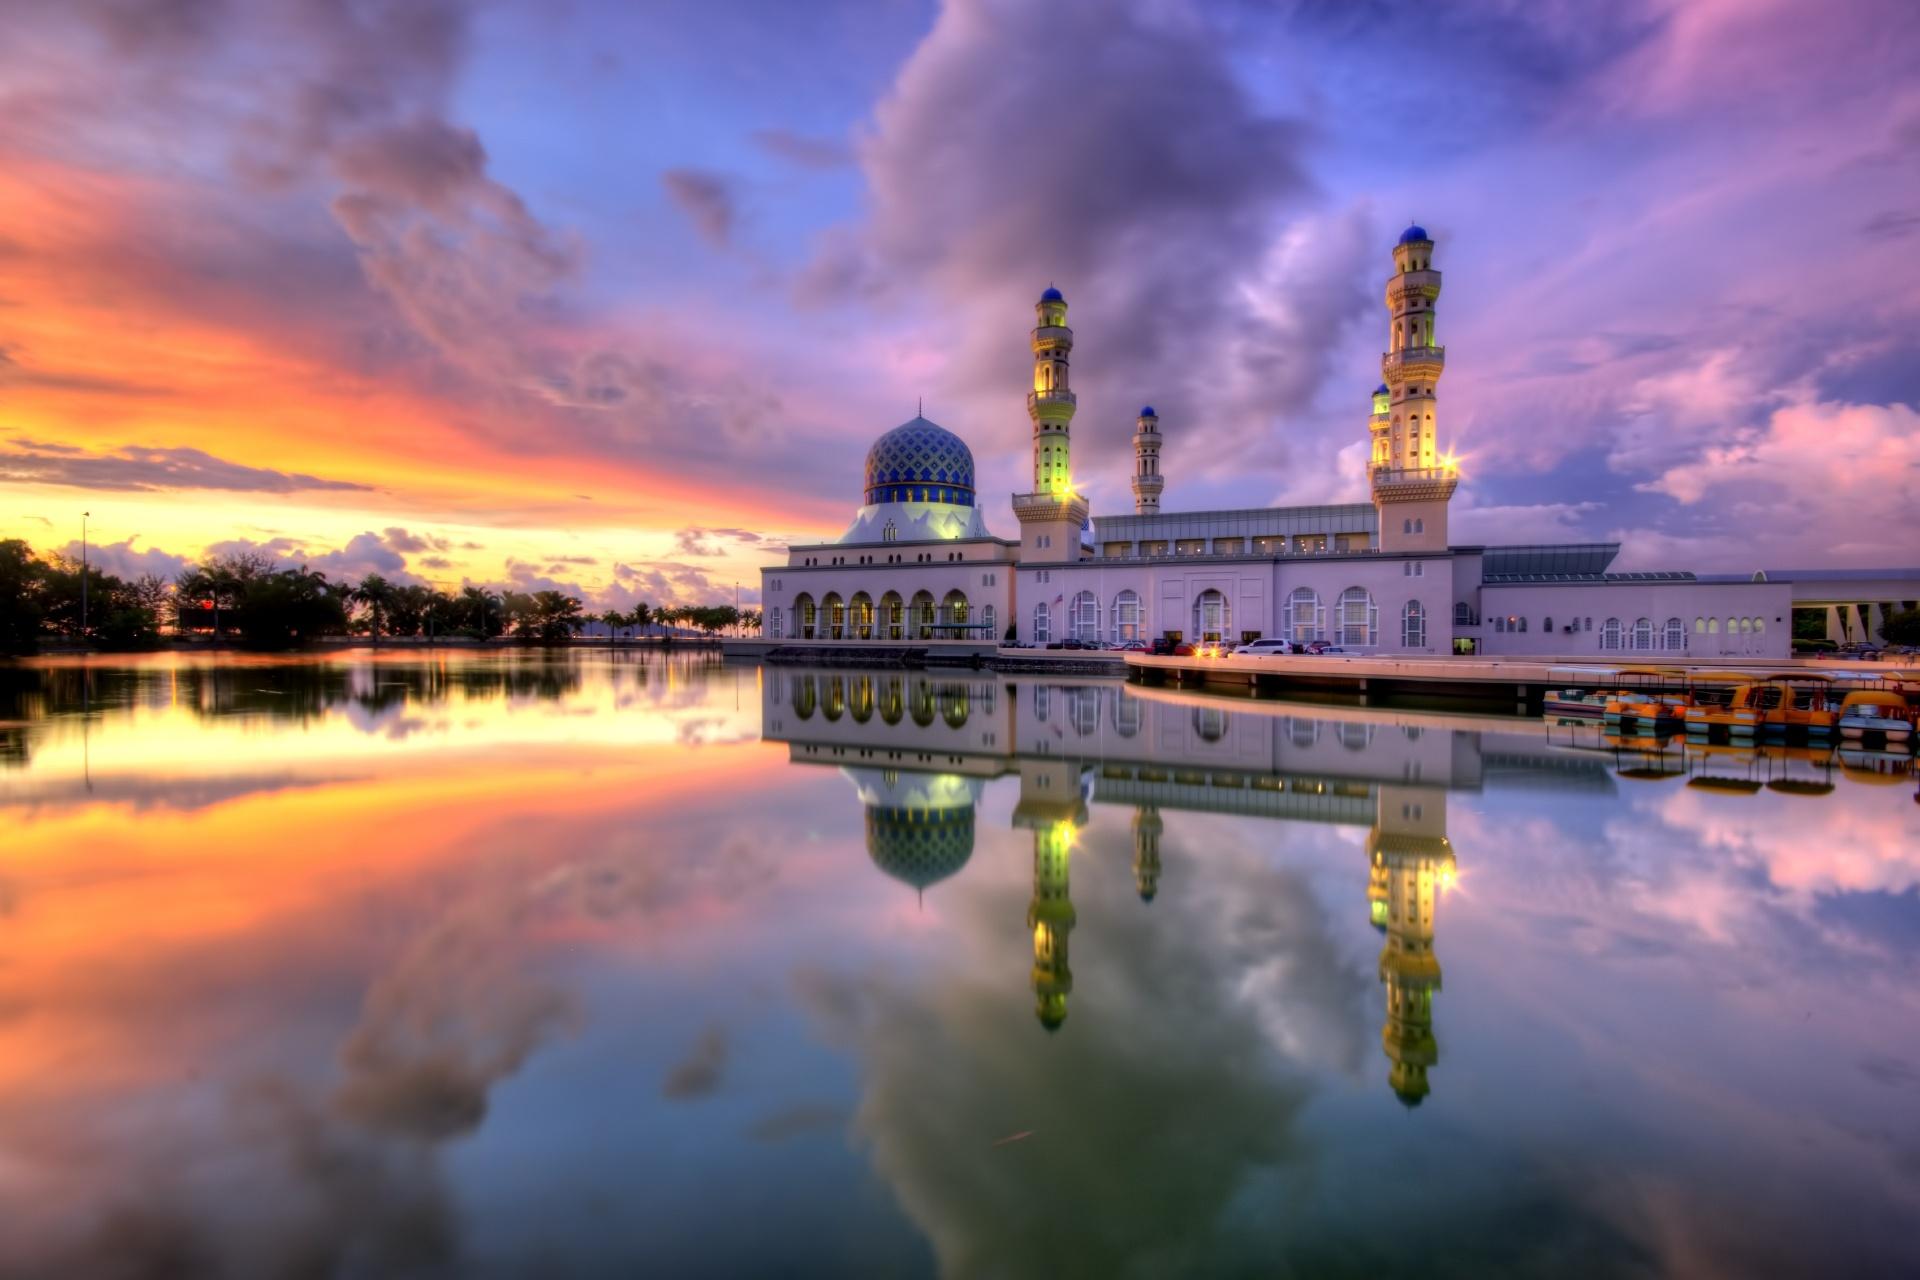 夕暮れのモスクの風景 コタキナバル マレーシアの風景